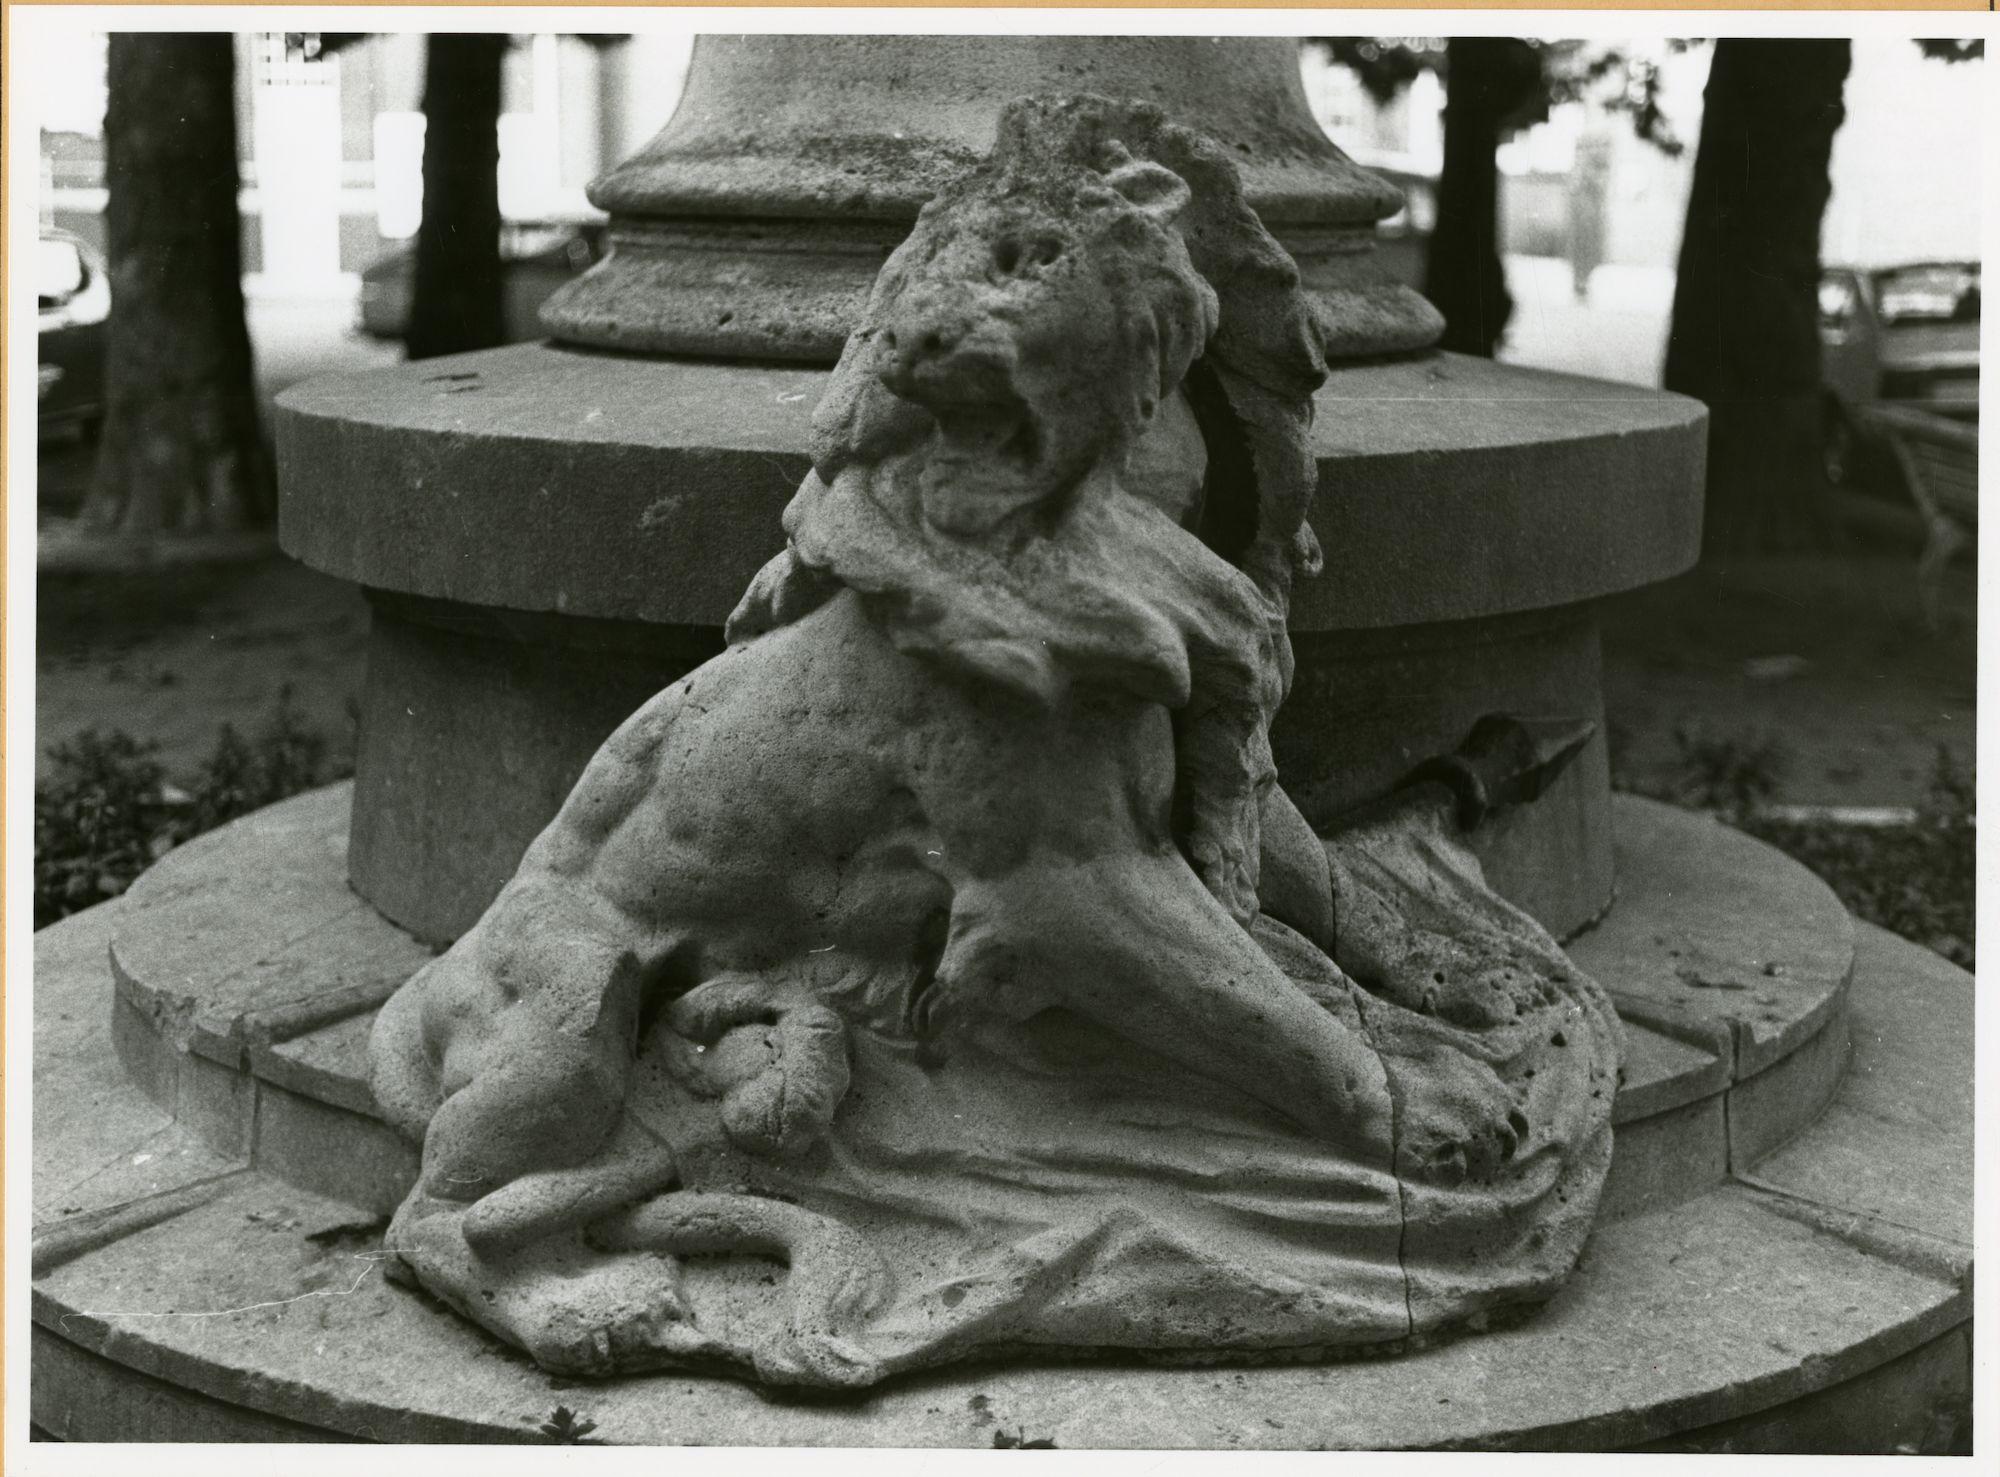 Gent: Casinoplein: Beeldhouwwerk: Leeuw, 1979